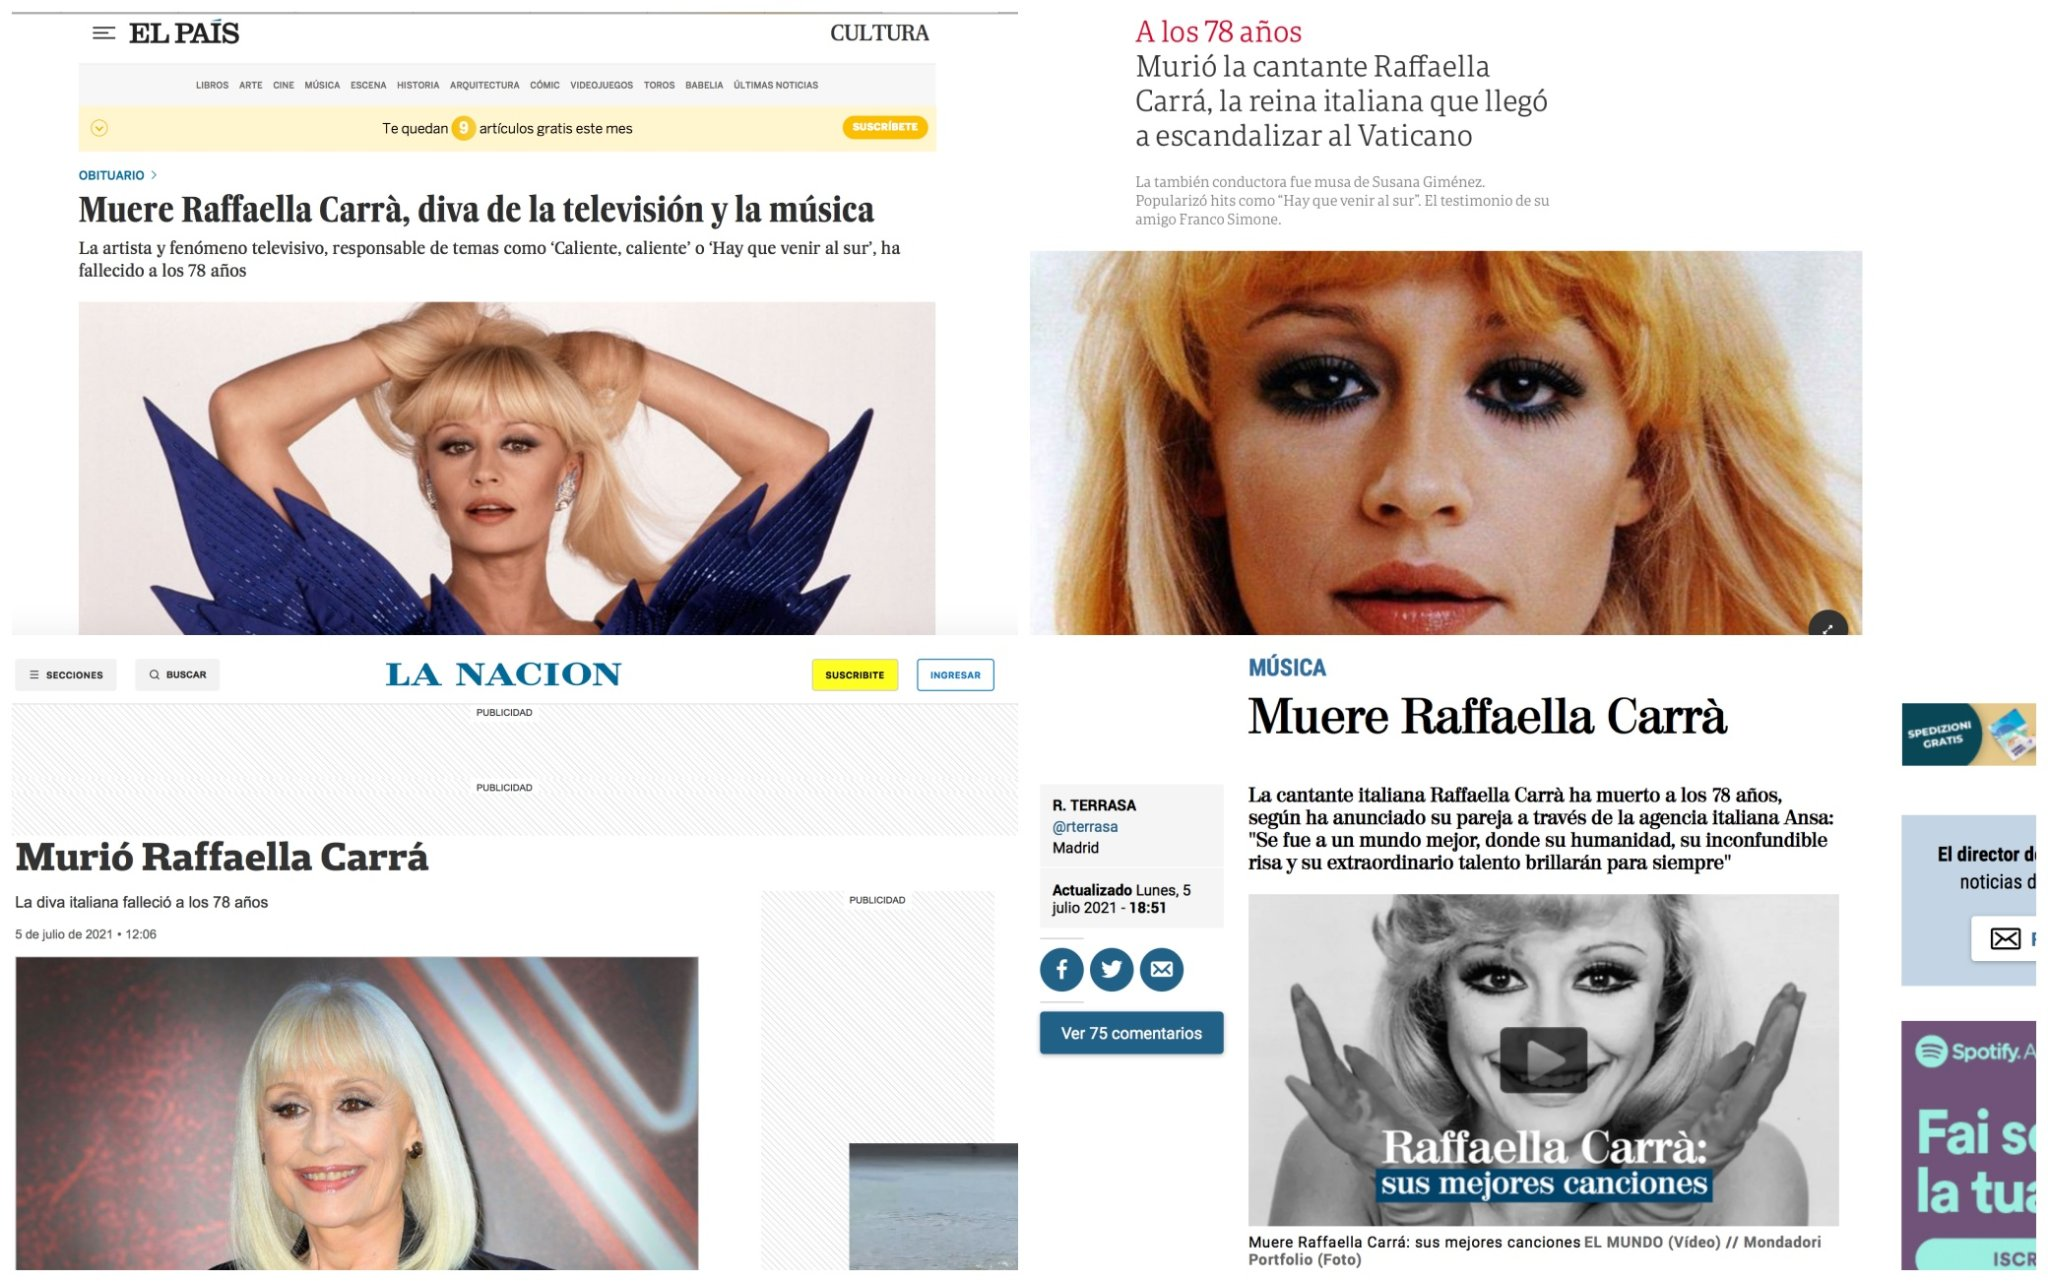 Raffaella Carrà, la notizia della morte nei media stranieri. FOTO